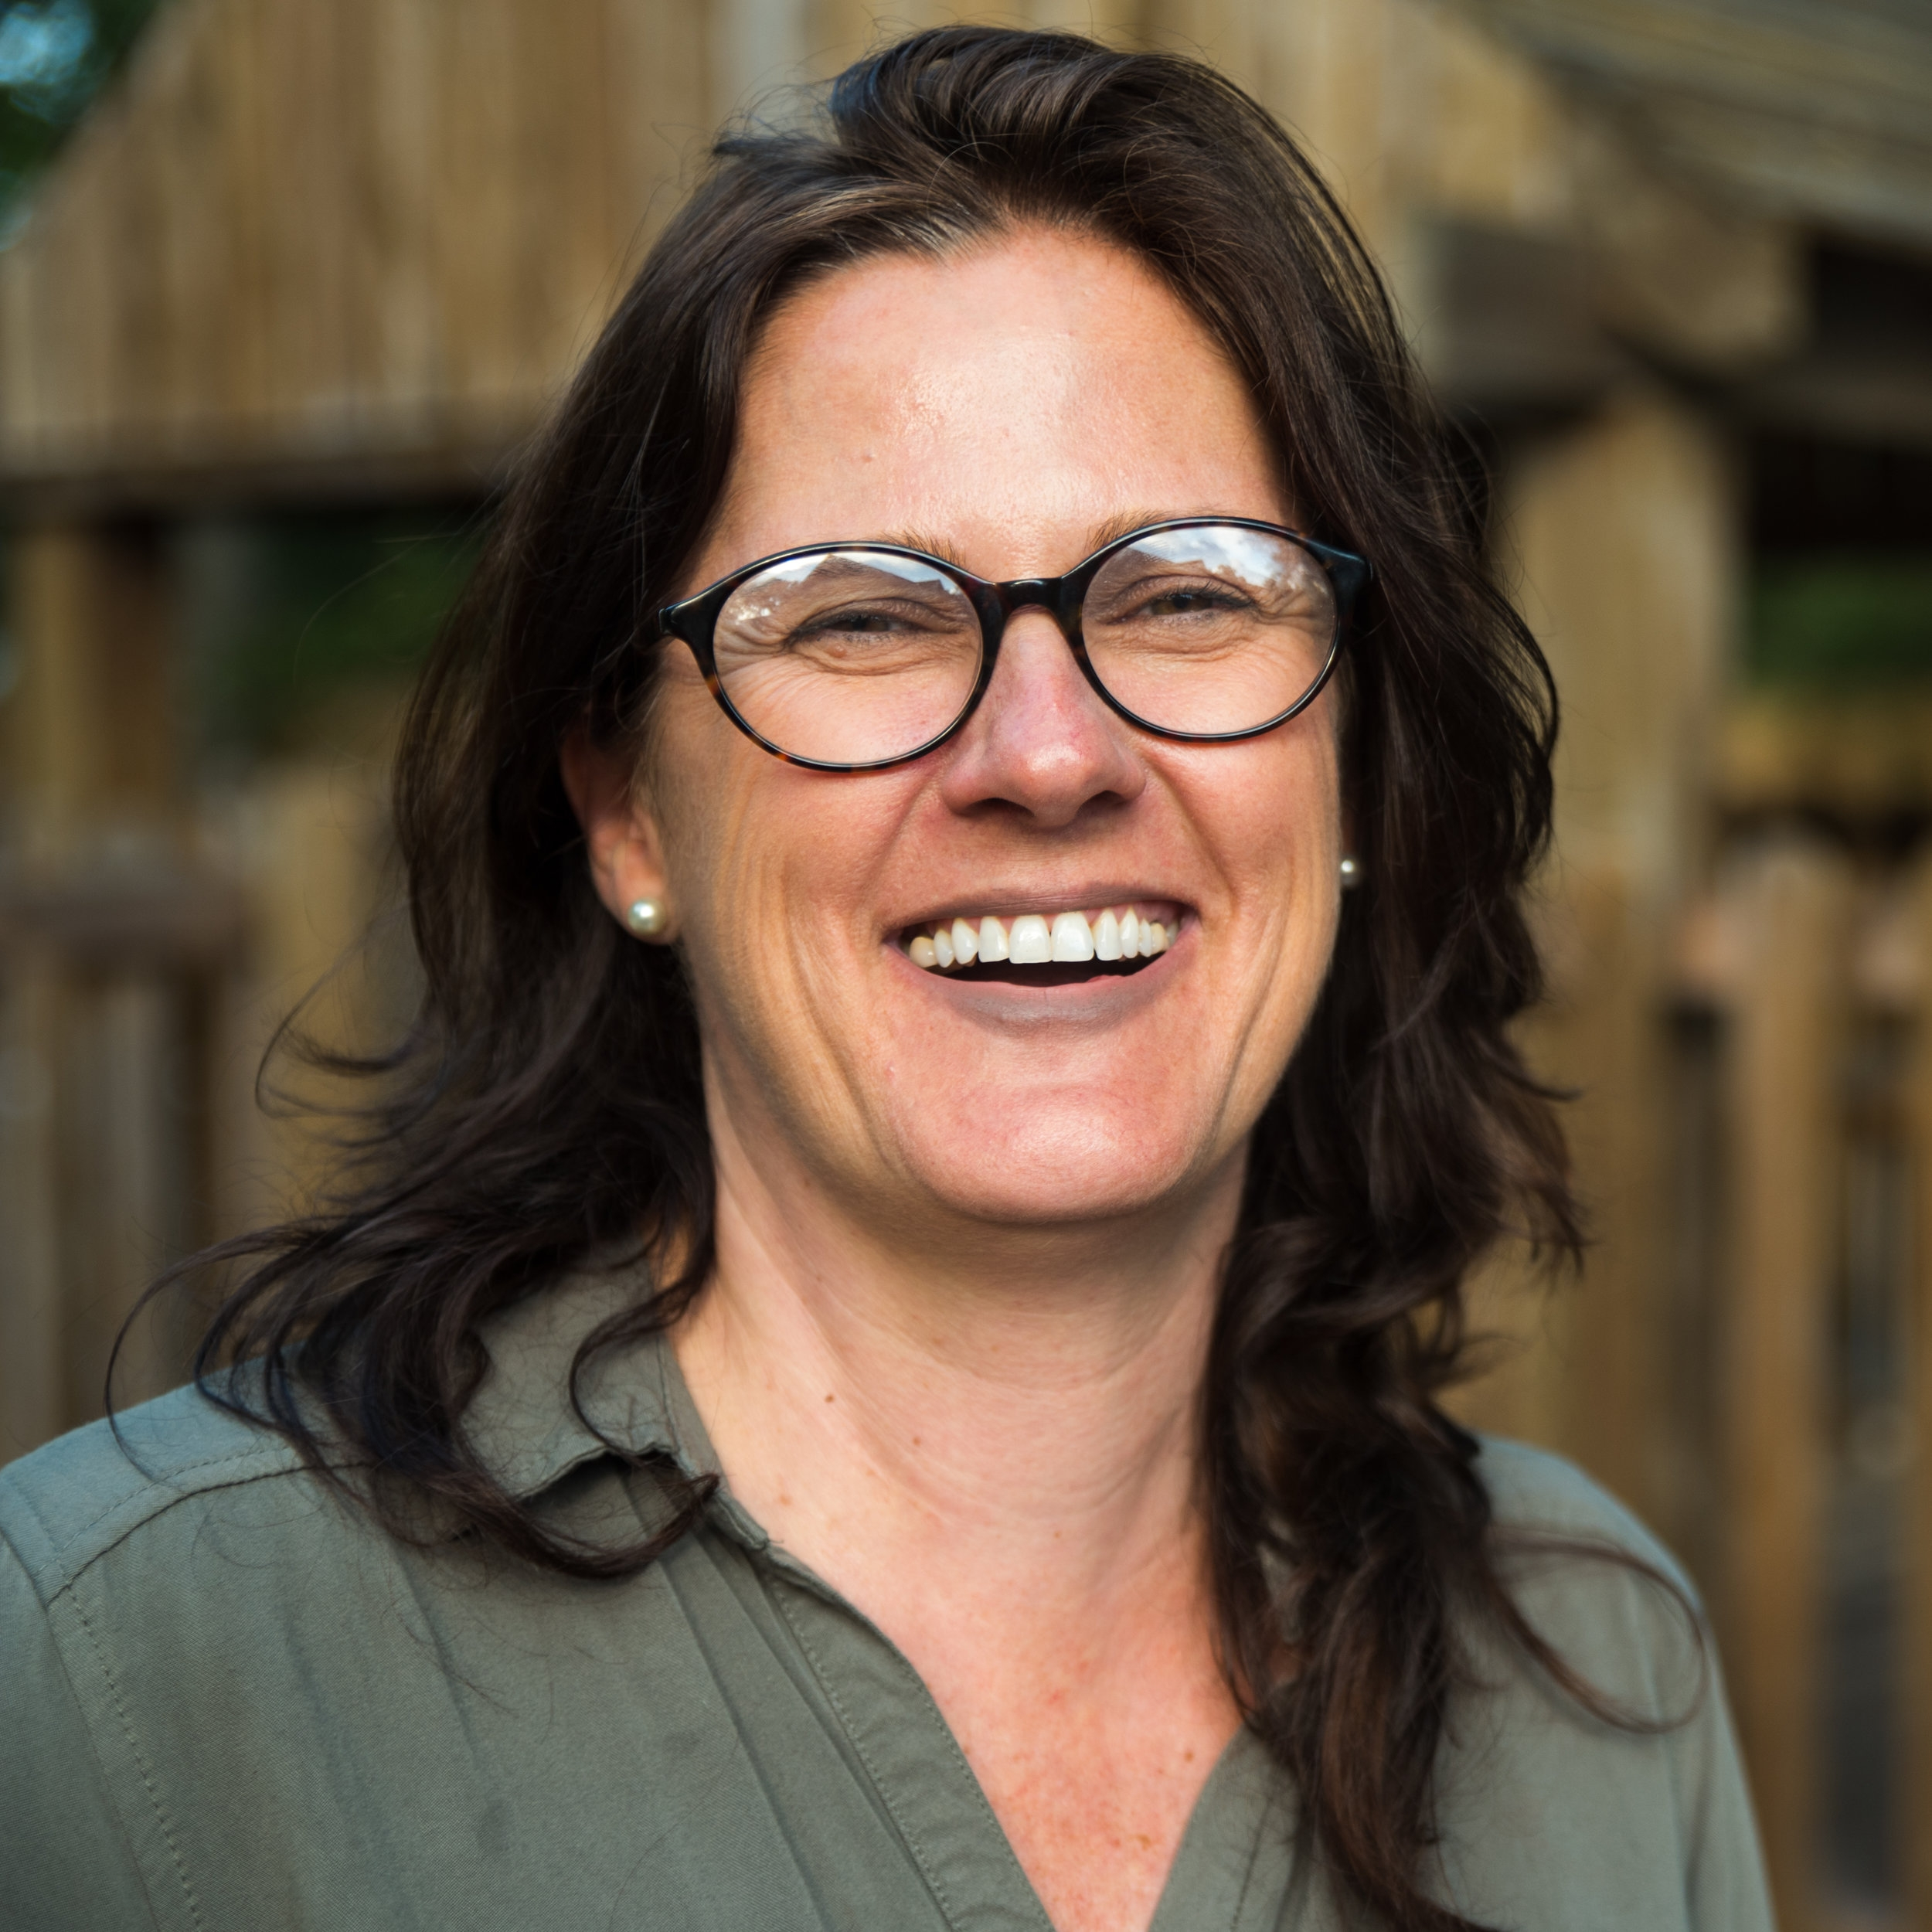 Ulrike Smith - teaches 4K